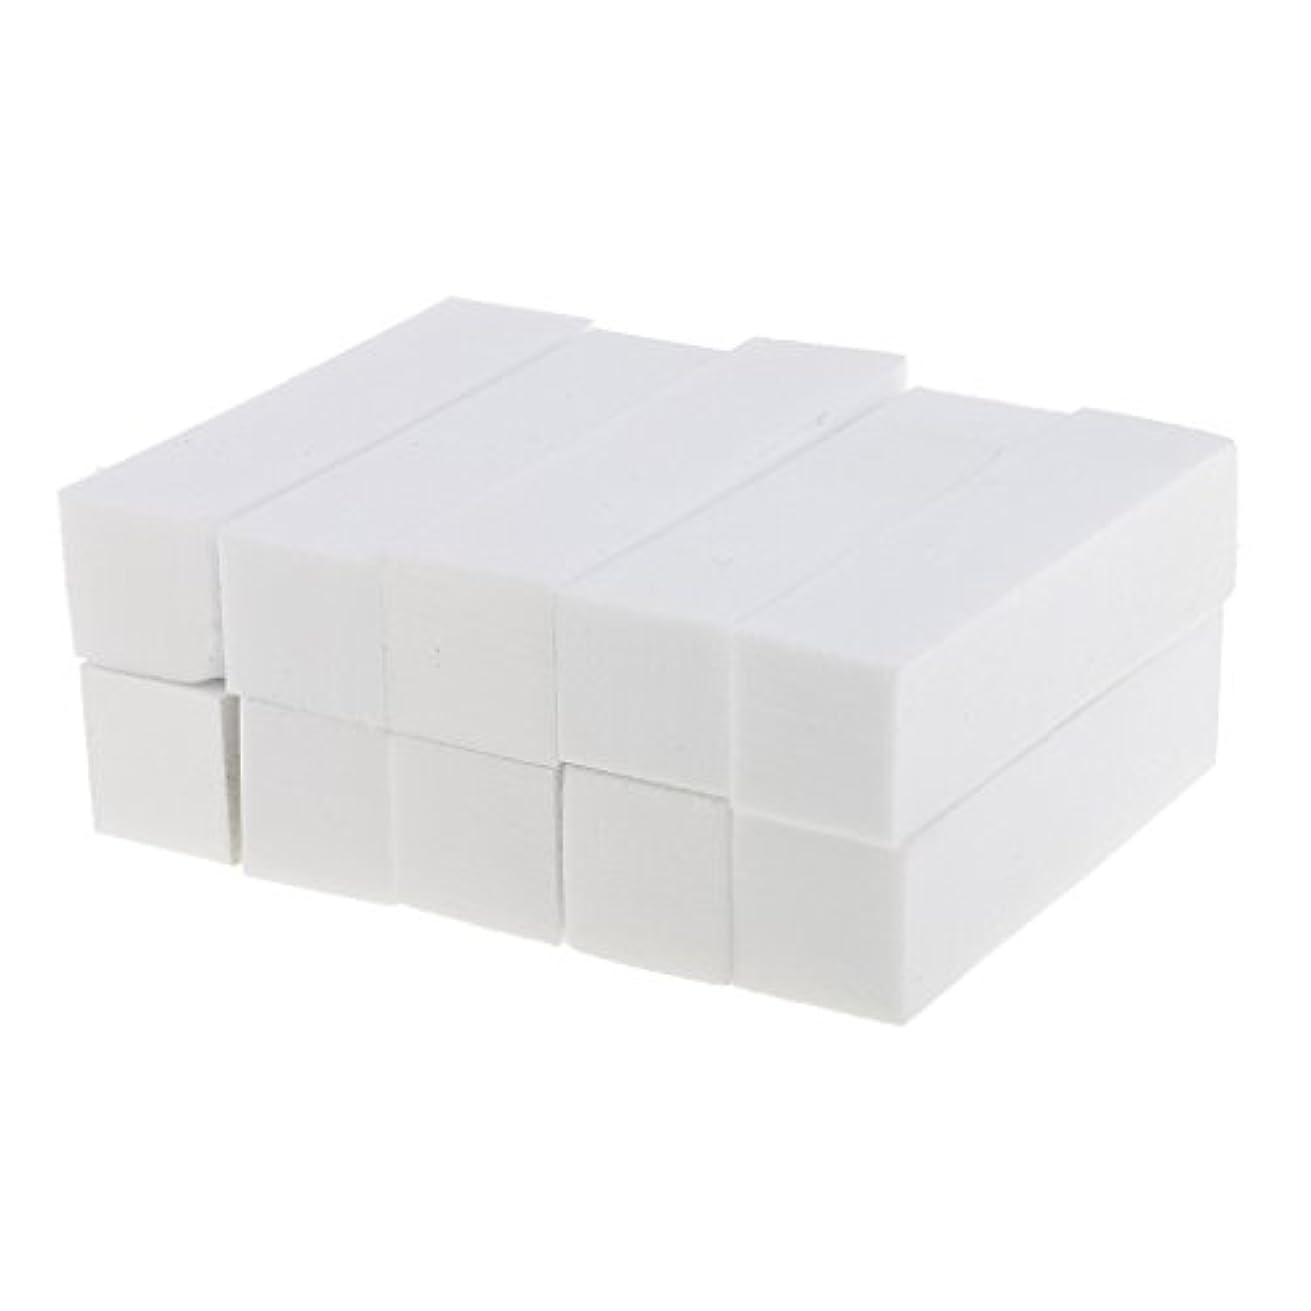 ラッドヤードキップリング存在包囲Toygogo 10ピース/個ホワイトフォームネイルアートマニキュアペディキュアバッファーバフファイルネイルエクステンション、アクリルネイル、ネイルチップ、ナチュラルネイルを充填するためのツール